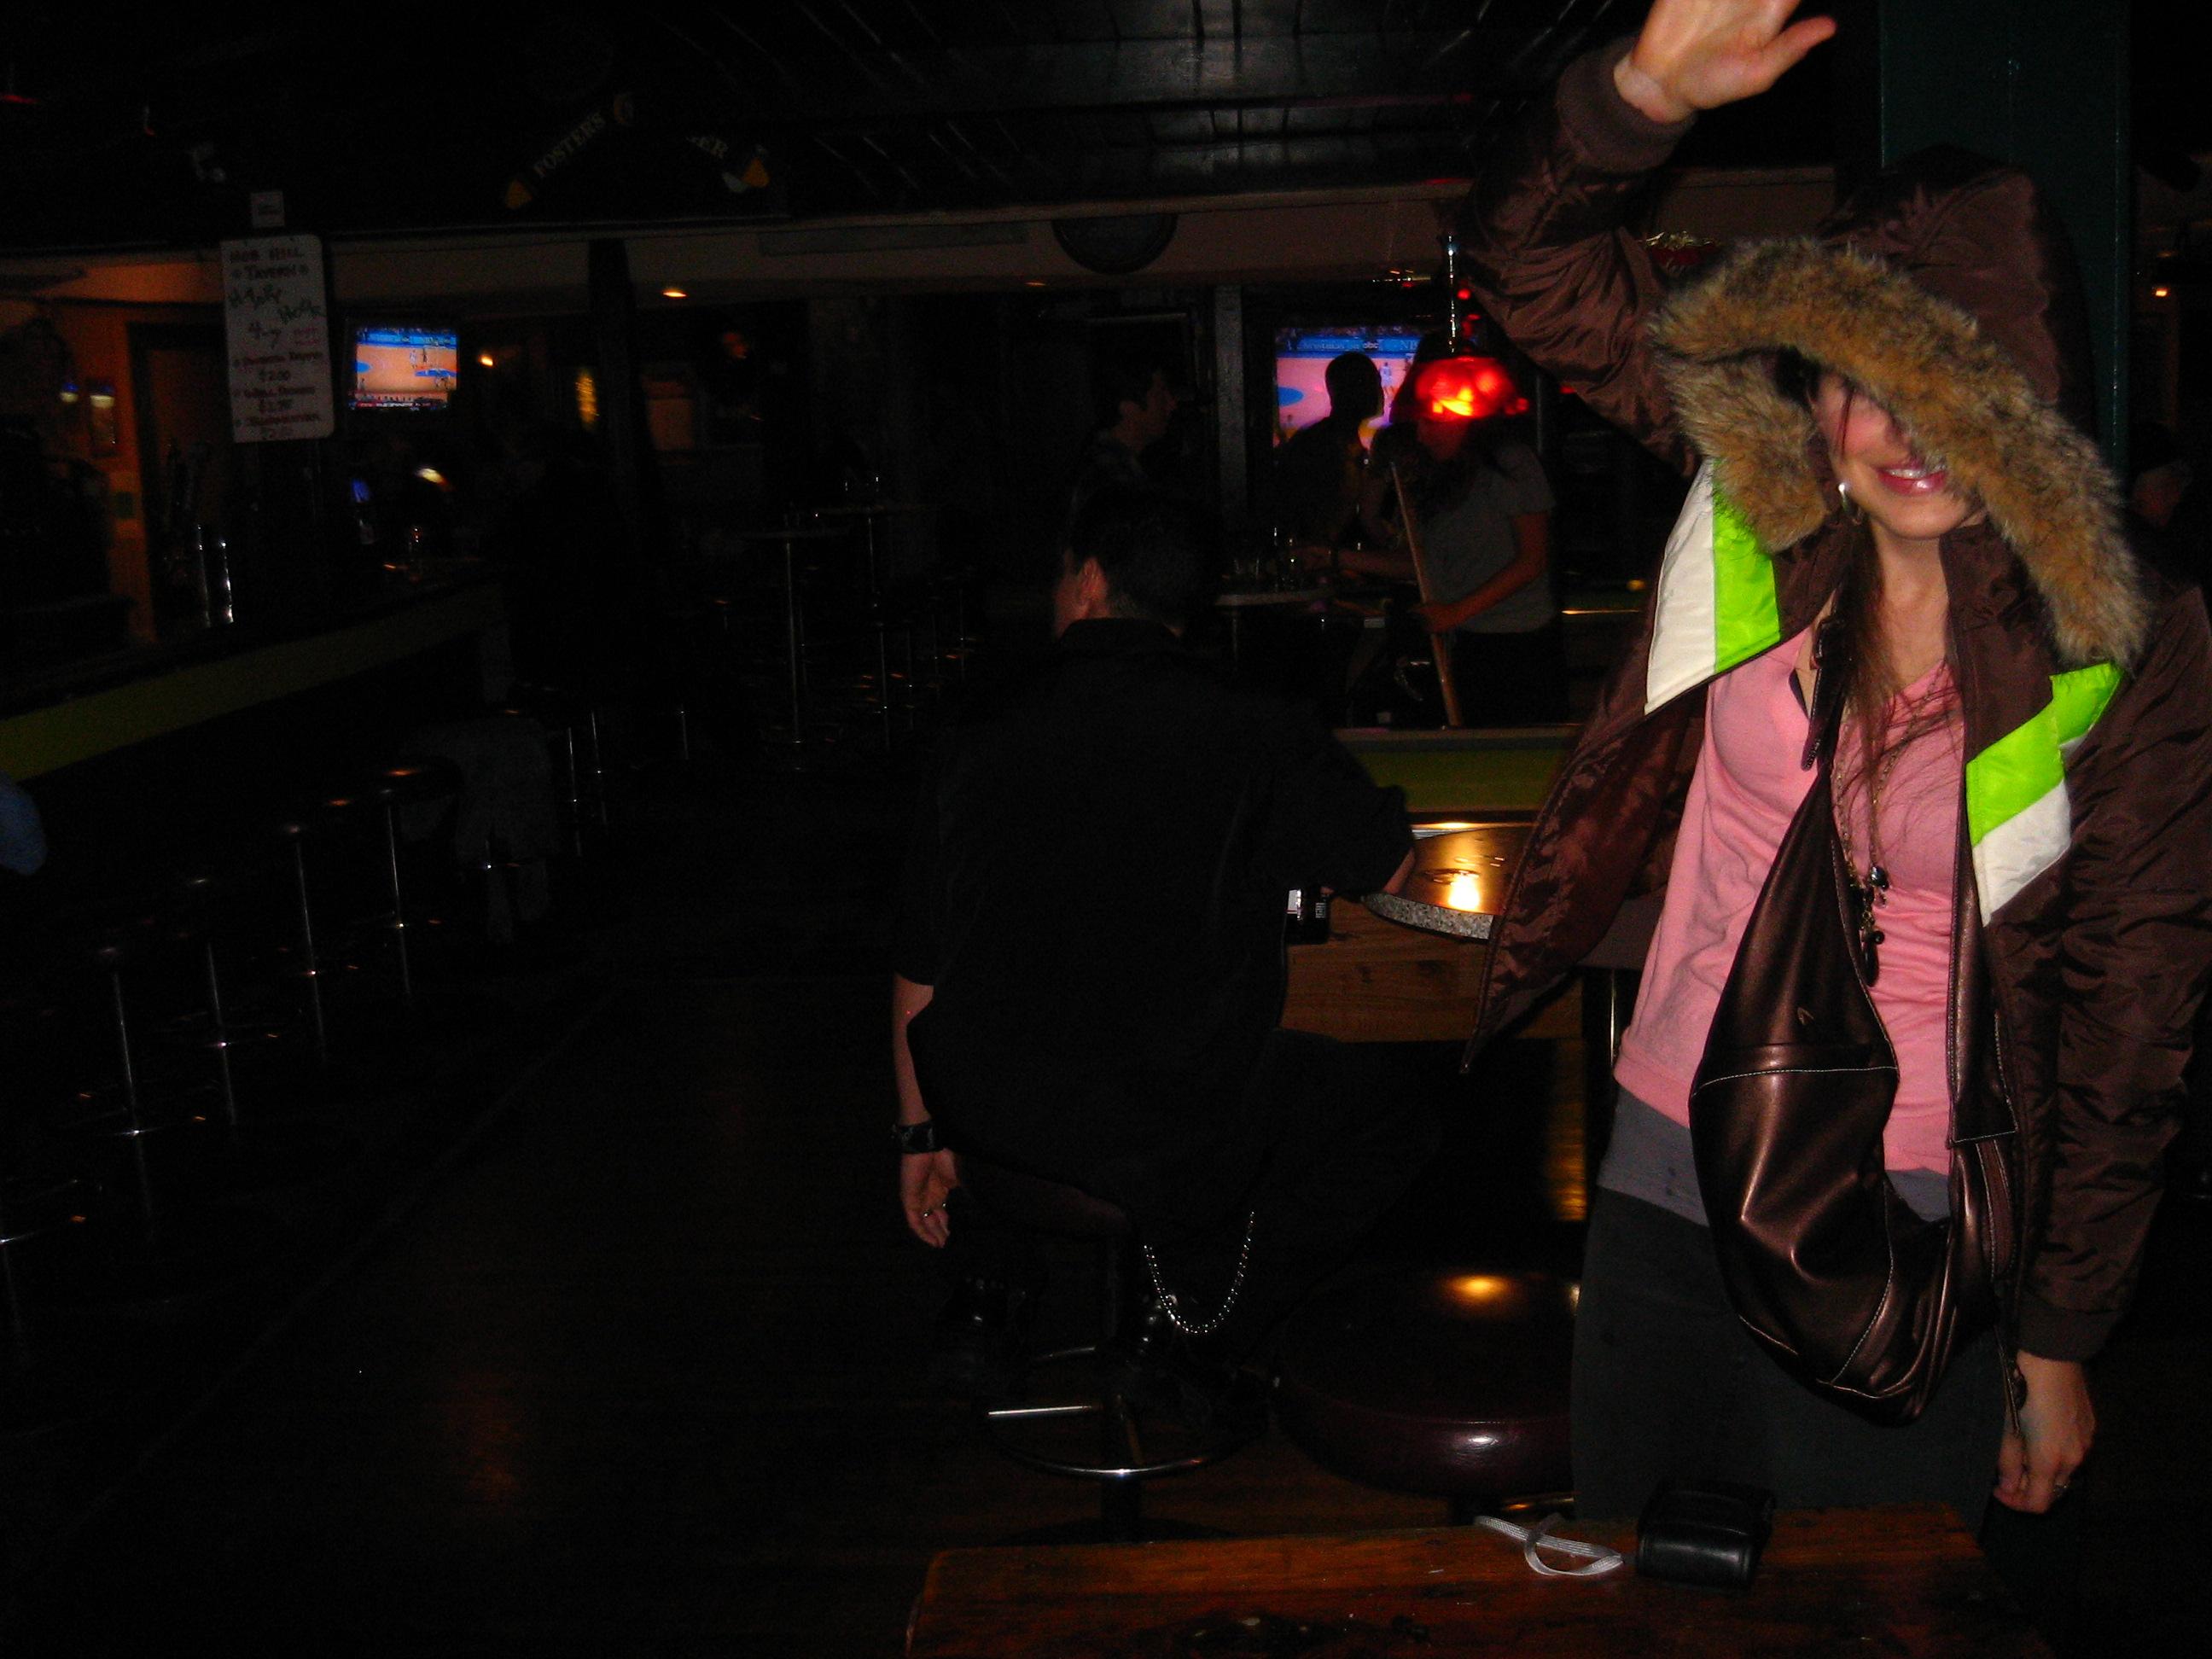 It's a Drunken Aussie-Yeti Thing